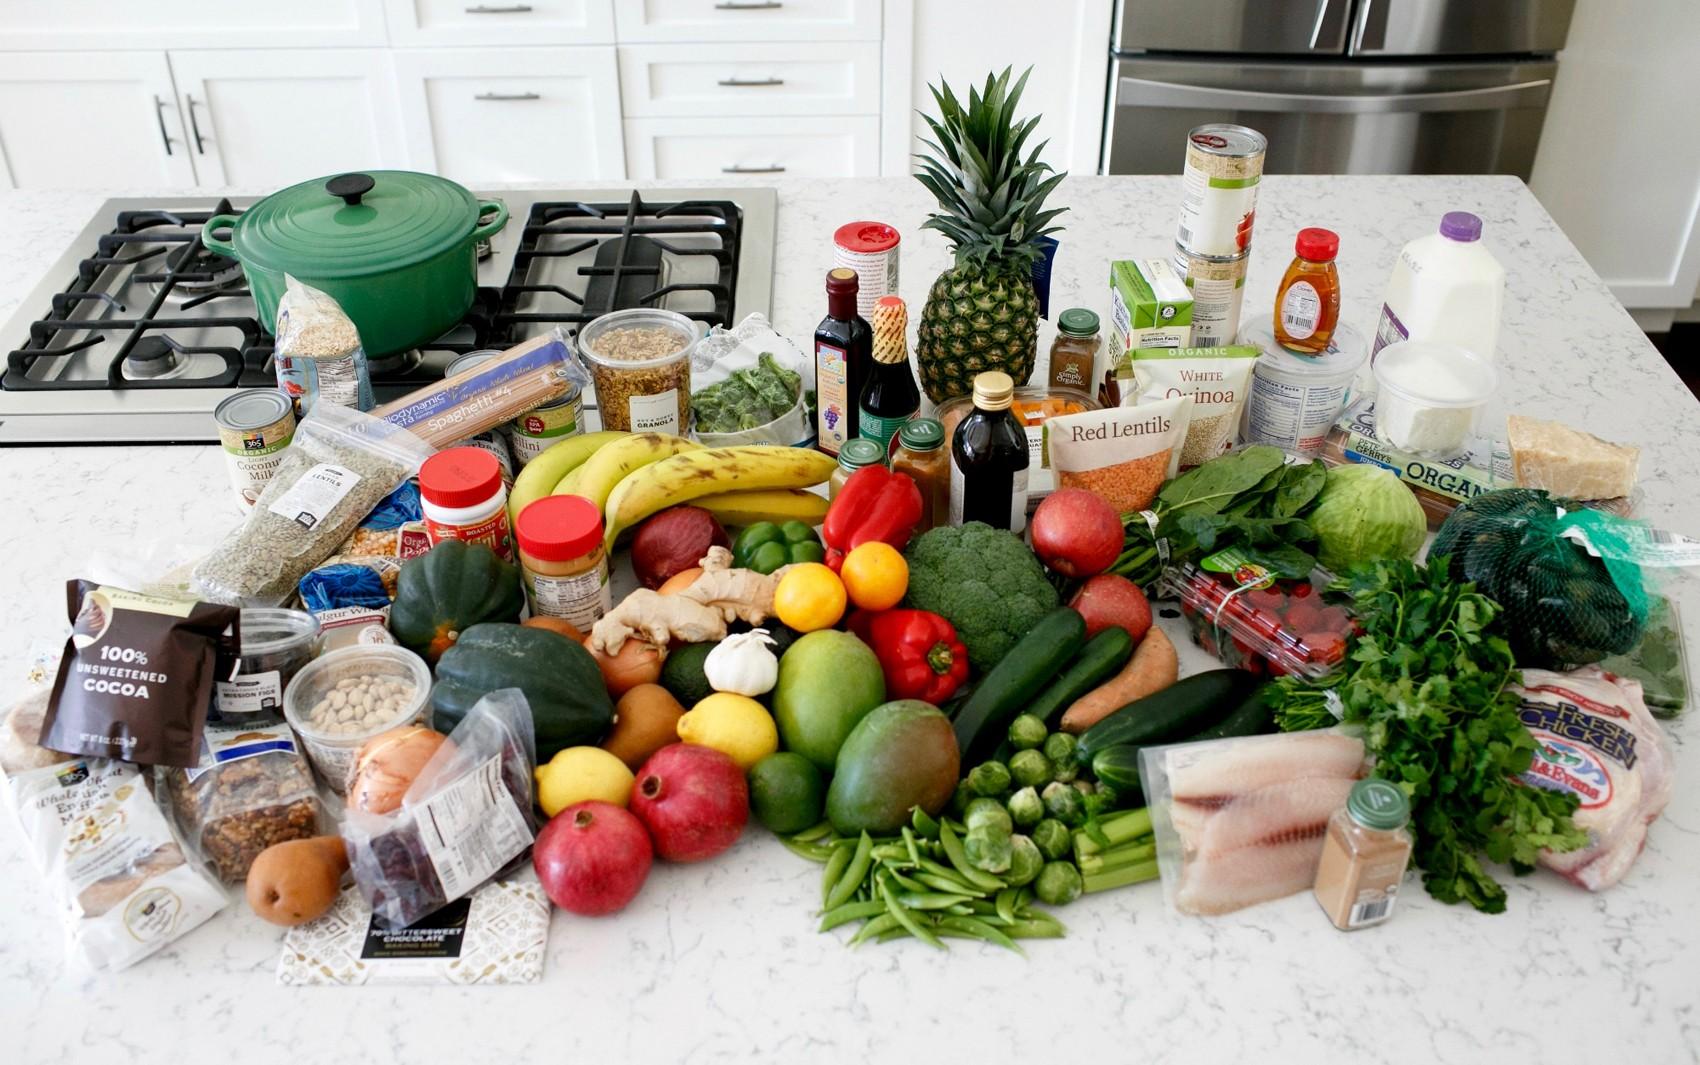 Alimentação saúdável, frutas, legumes, verduras, grãos, vegetais, dieta, refeição, refeições, cozinha